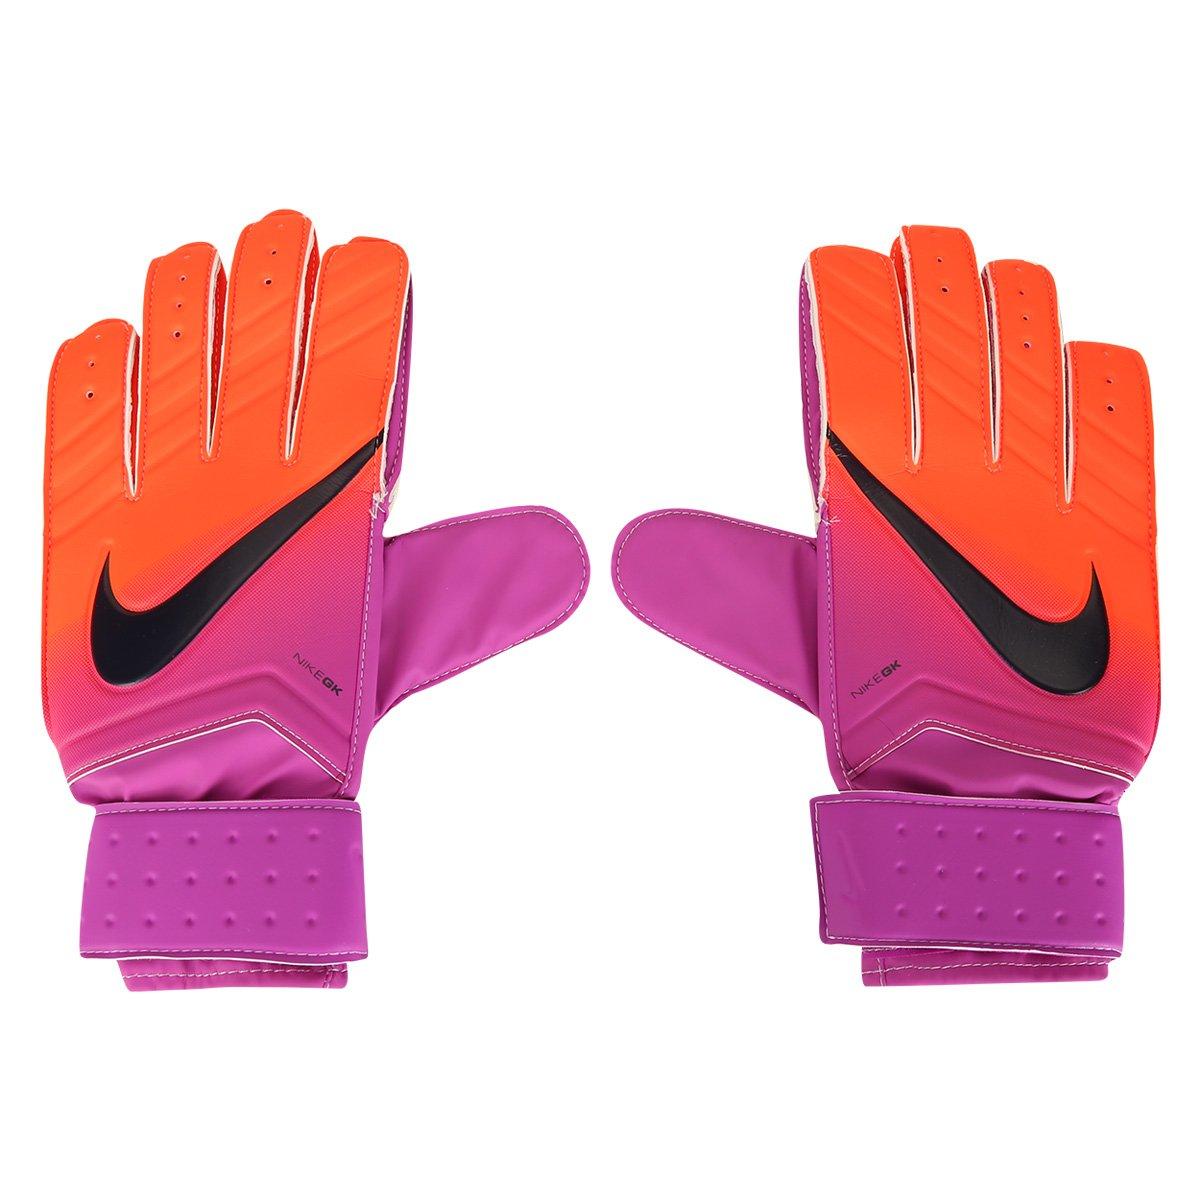 Luva de Goleiro Nike Goleiro Match - Compre Agora  896b53fedd0e2